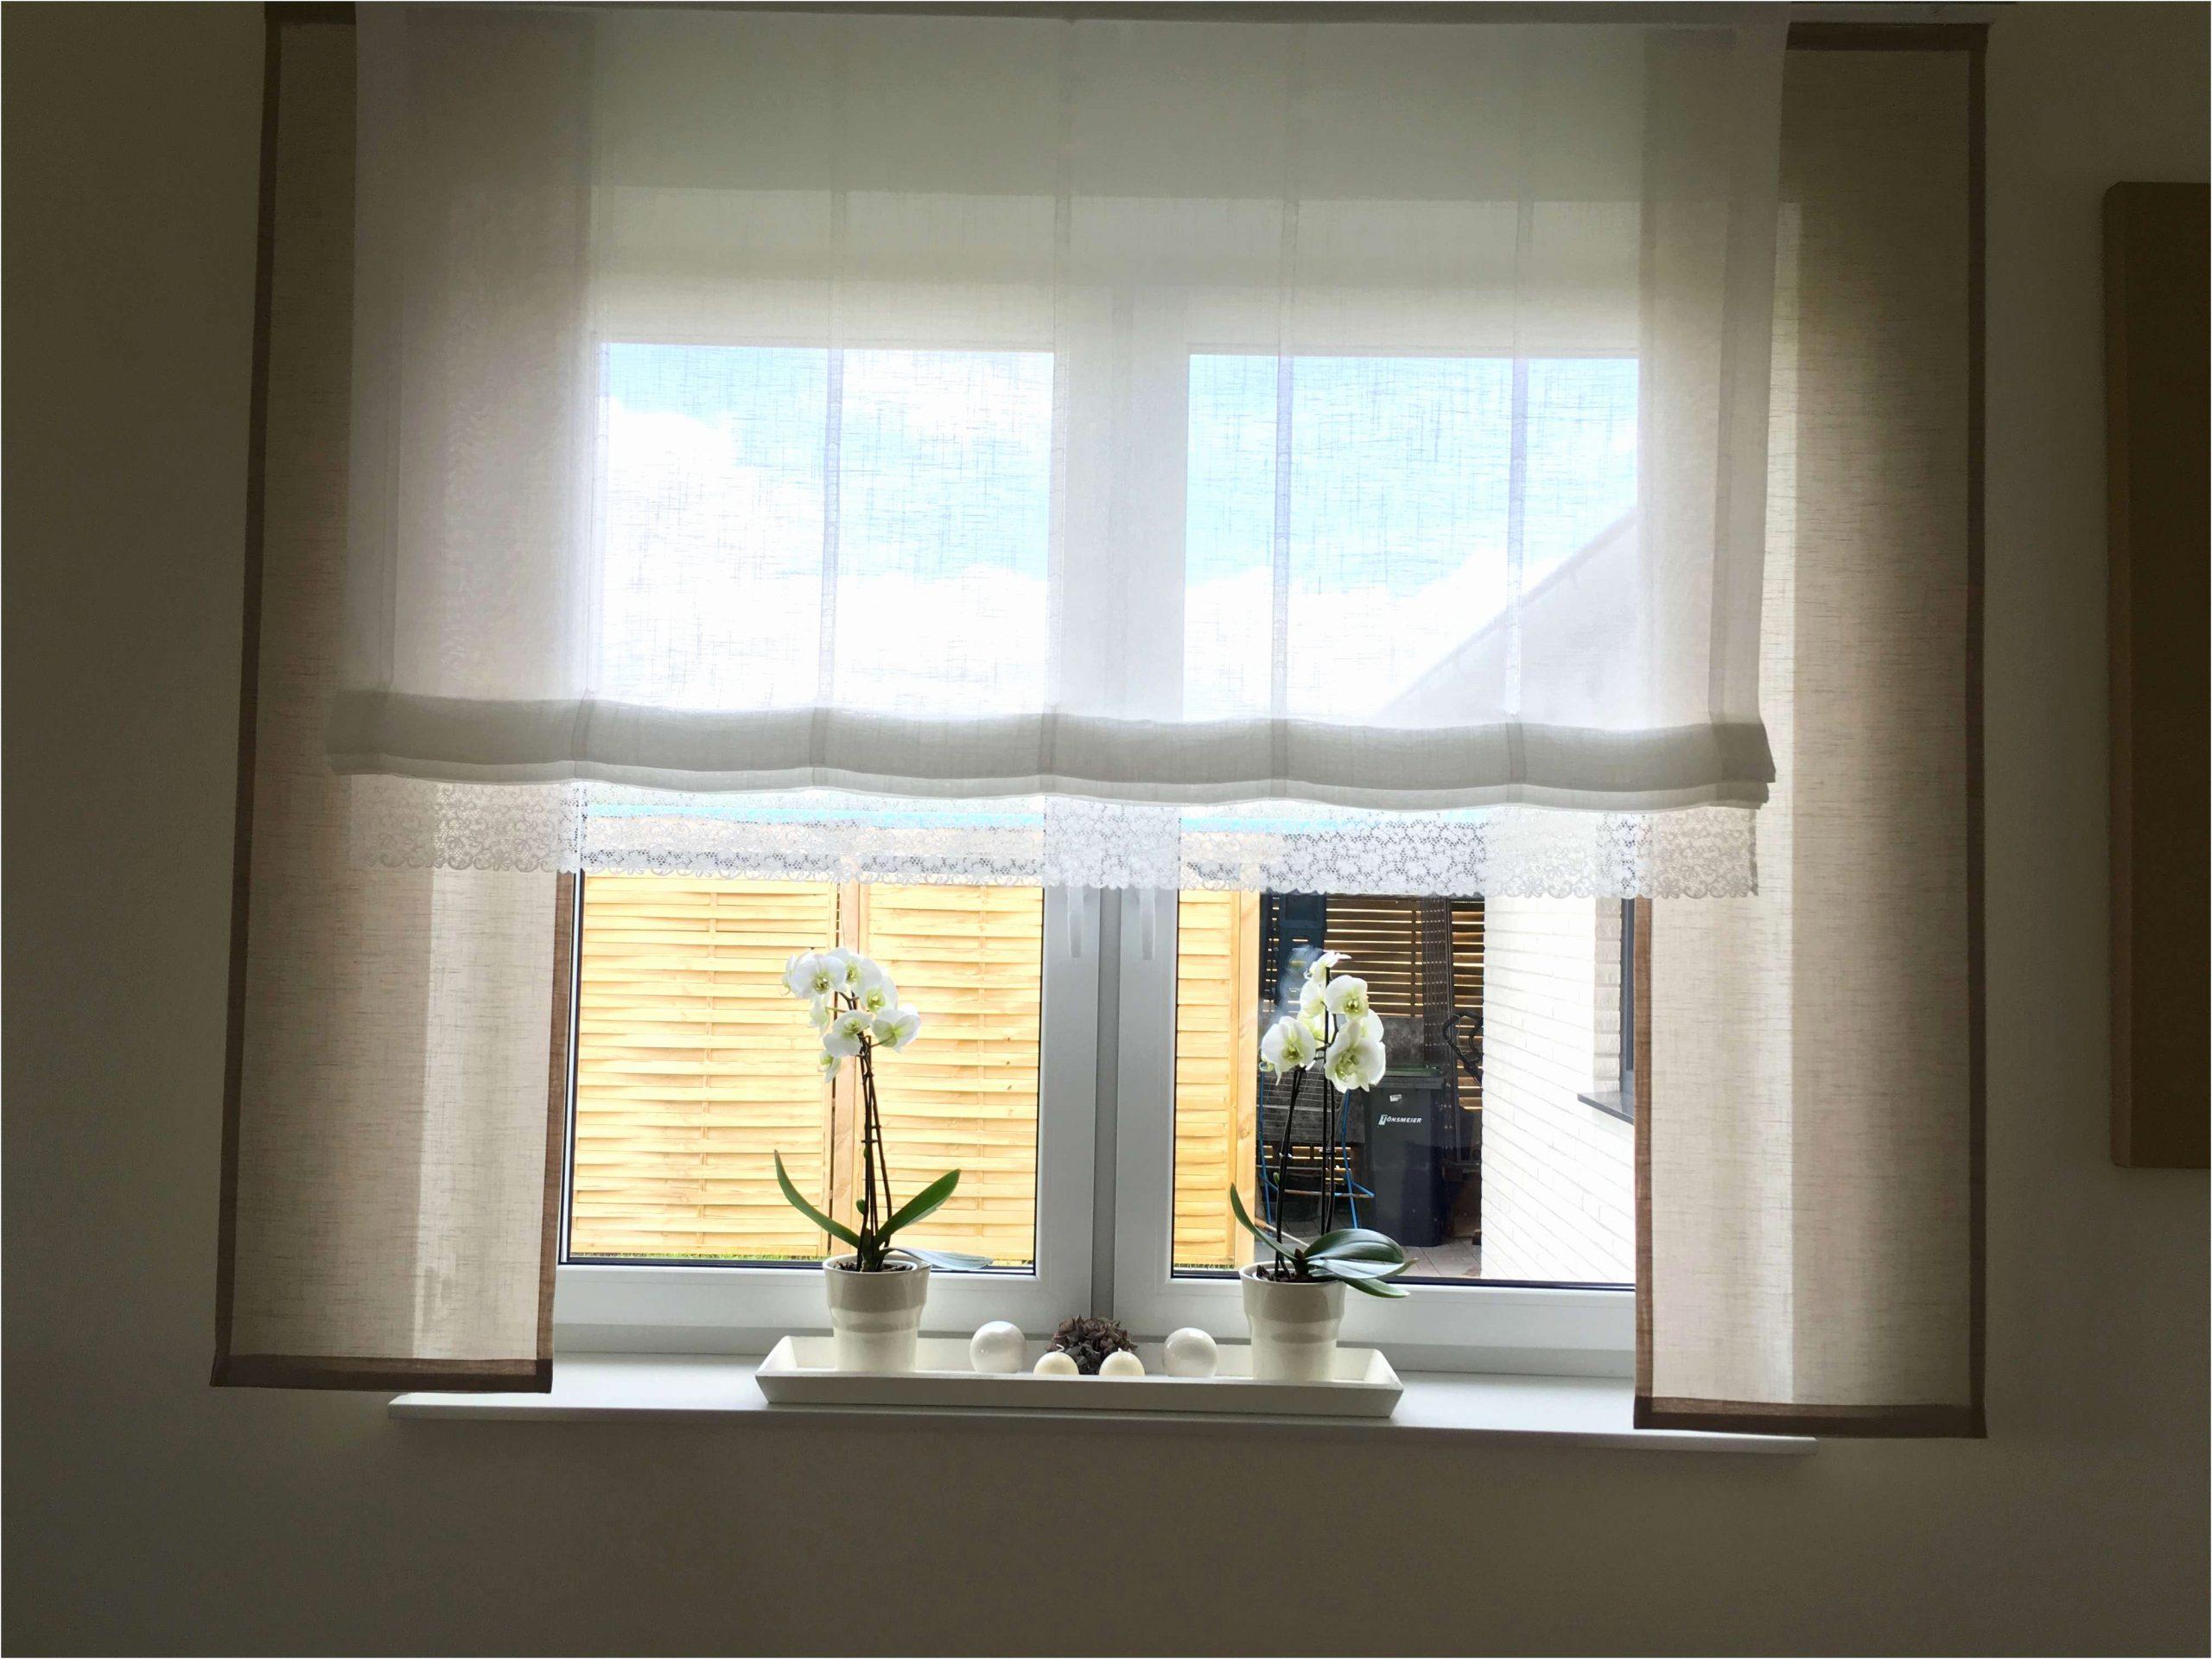 Full Size of Fenster Gardinen Küche Beautiful Bilder Gardinen Ideen Für Kleine Fenster Schöne 40 Neu Gardinen Küche Gardinen Für Küche